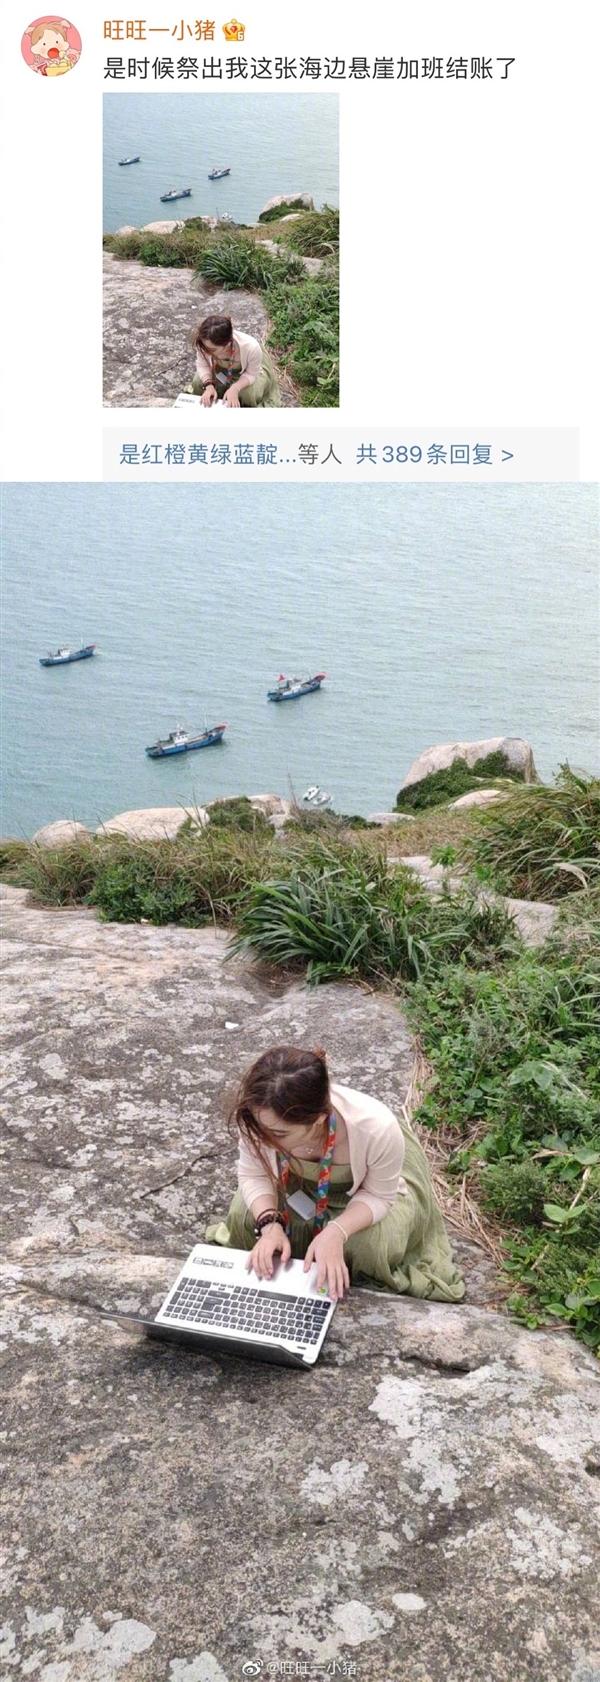 长城爬到一半被迫加班 网友纷纷晒图:太有共鸣了